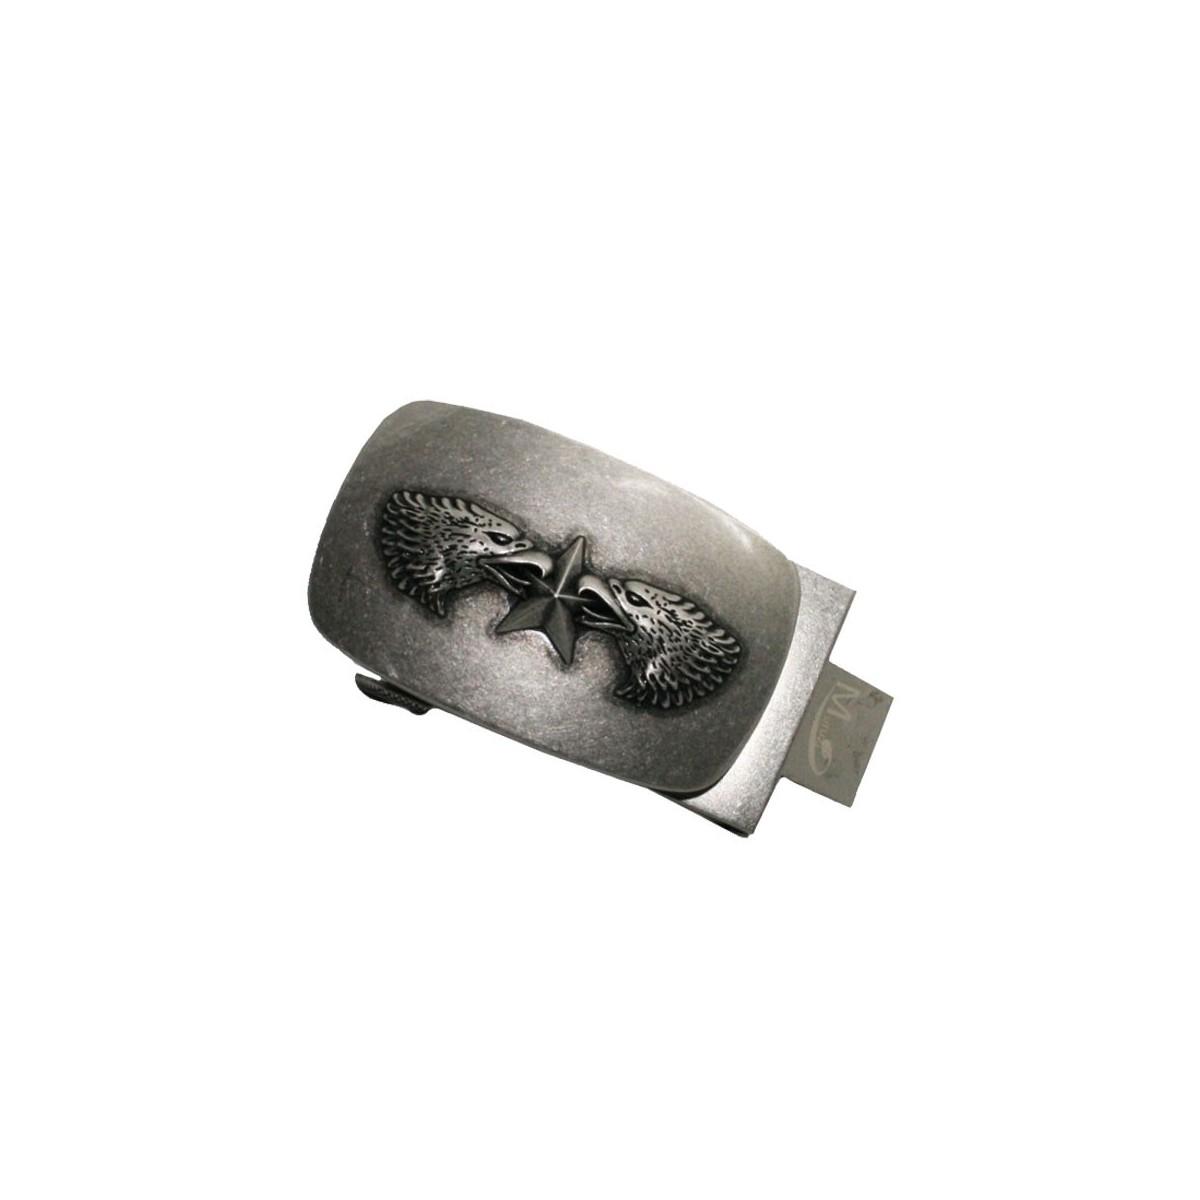 Boucle de ceinture homme 2 Têtes d'aigle chinois style ceinturon cadre acier